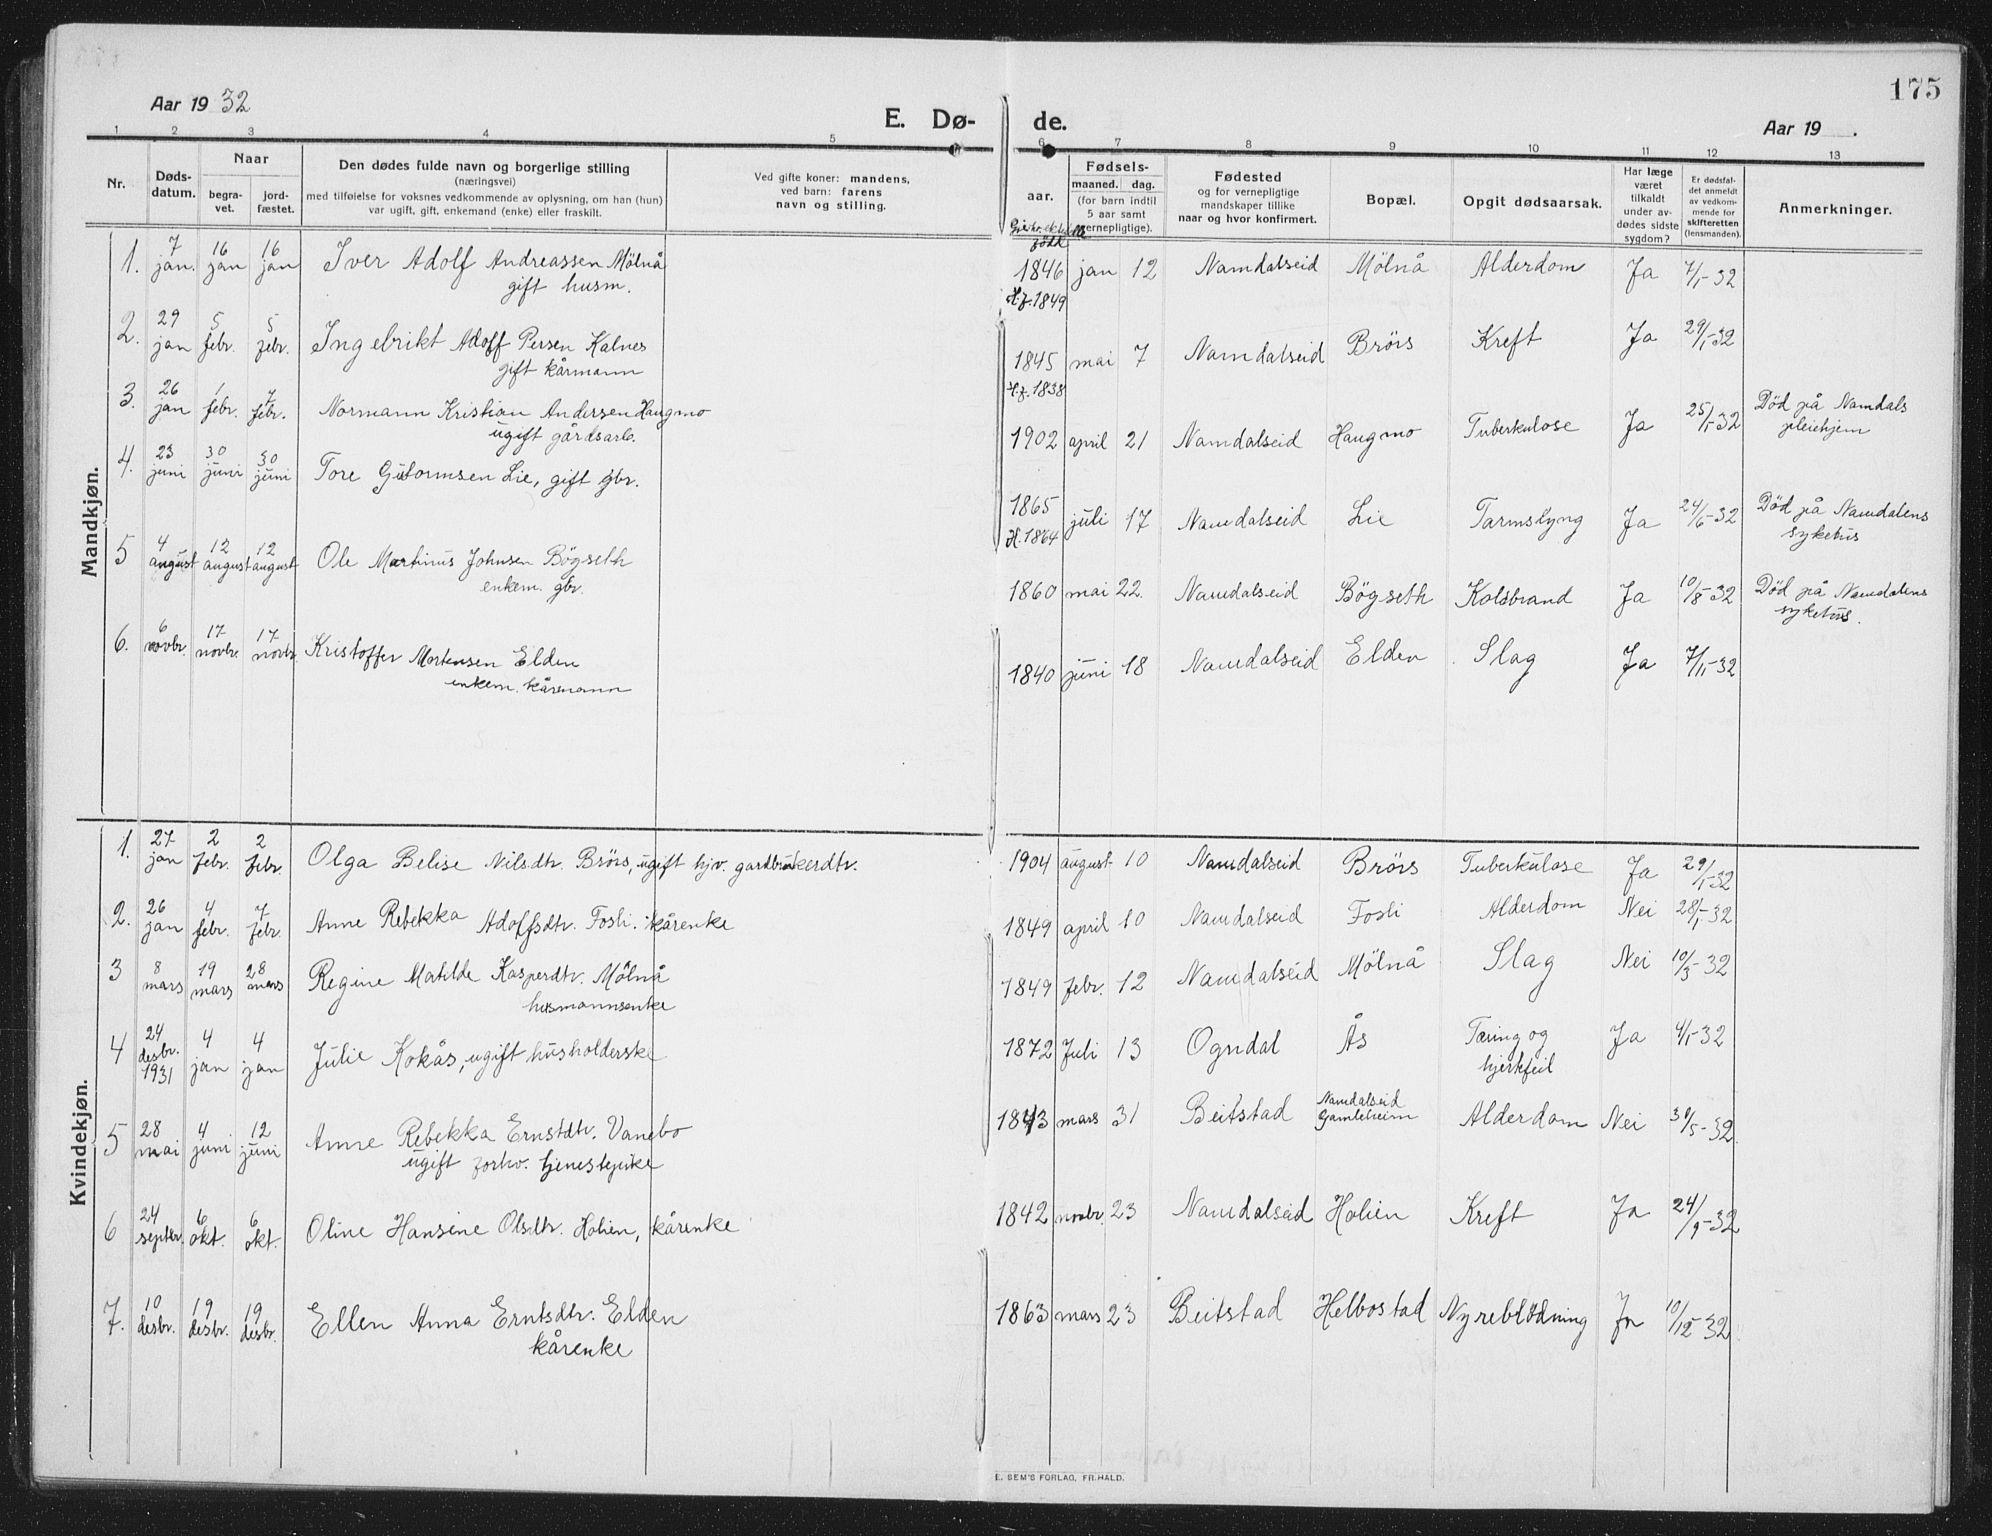 SAT, Ministerialprotokoller, klokkerbøker og fødselsregistre - Nord-Trøndelag, 742/L0413: Klokkerbok nr. 742C04, 1911-1938, s. 175